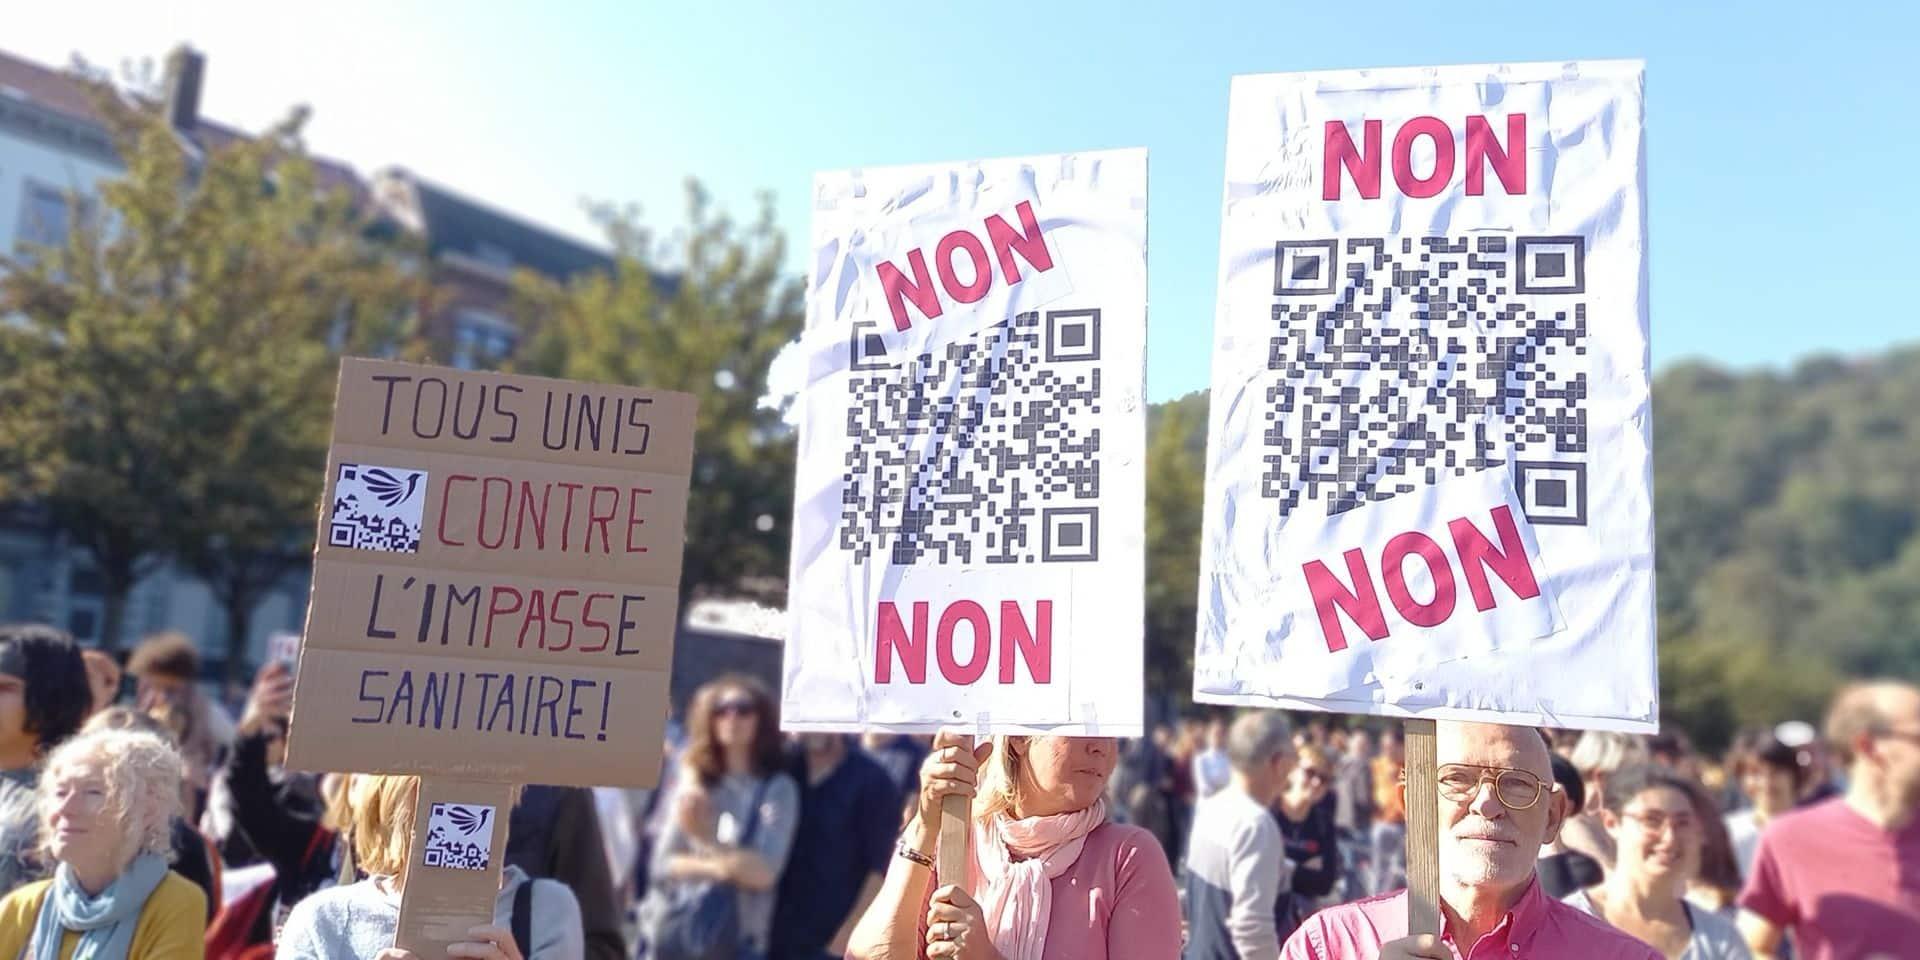 Près de 1.000 personnes s'insurgent contre le Covid Safe Ticket à Liège